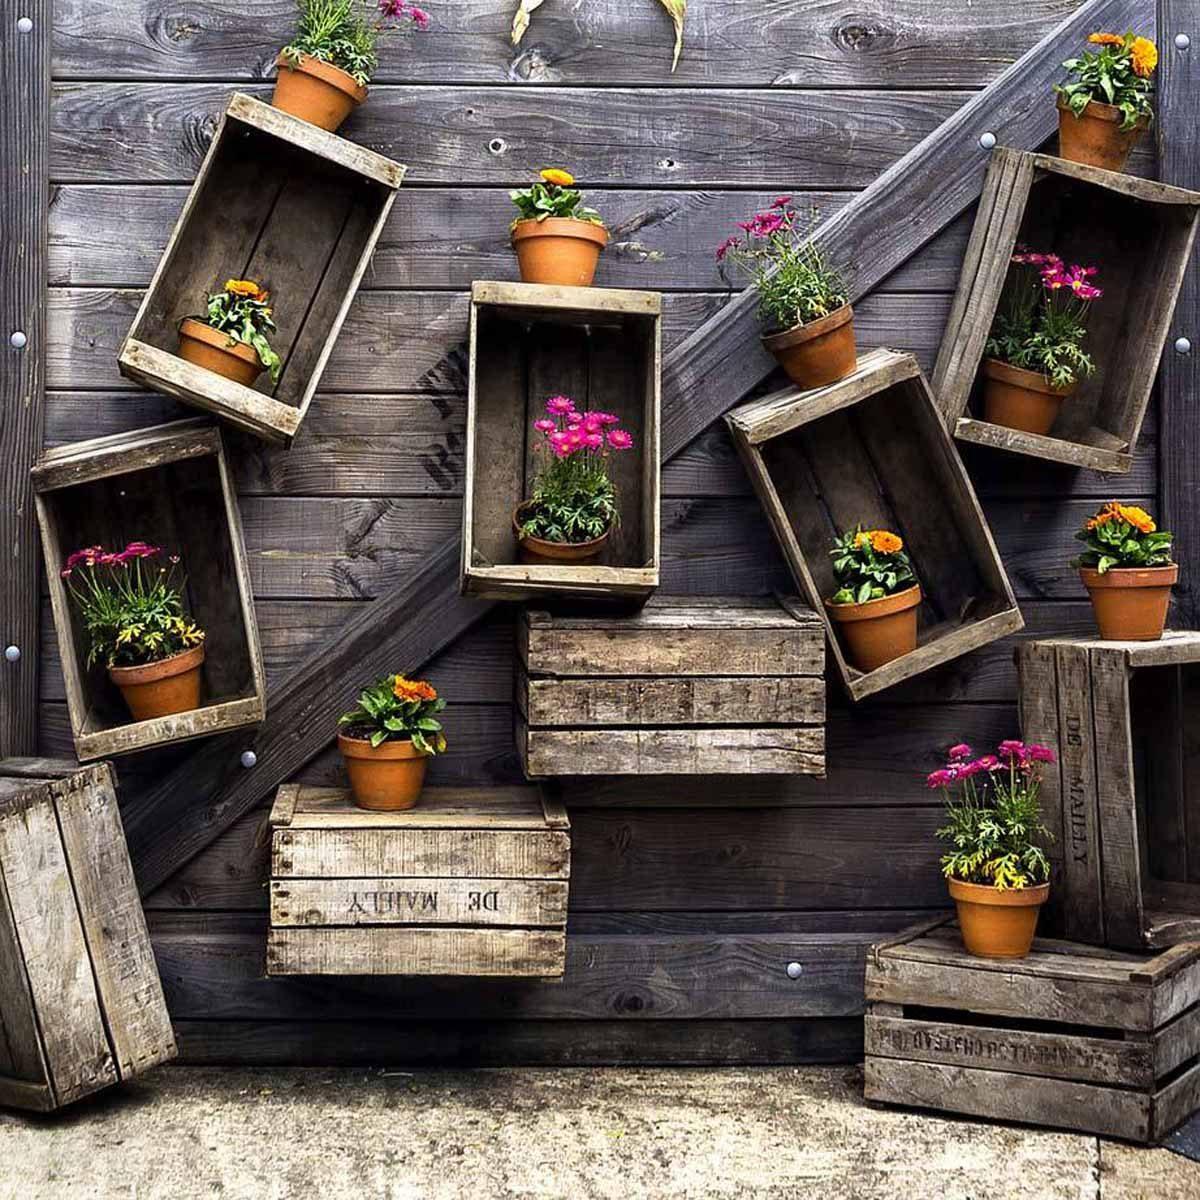 Добавьте новую жизнь в свой сарай с экзотическими растениями